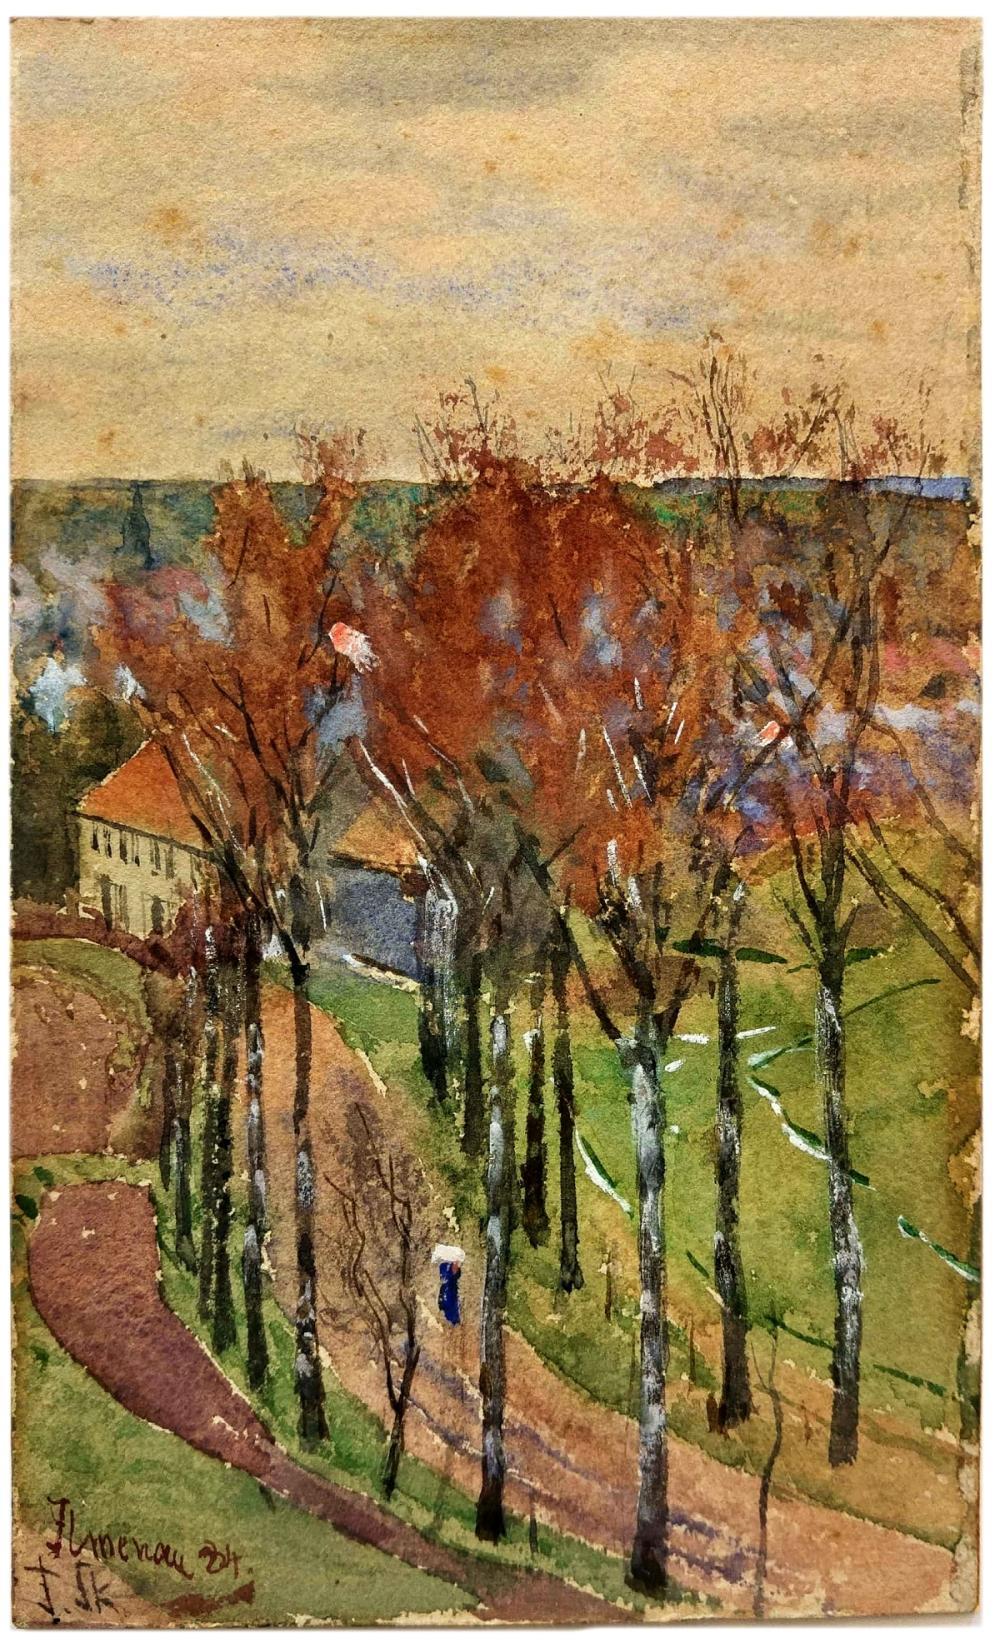 Landschaft bei Ilmenau by Franz Skarbina